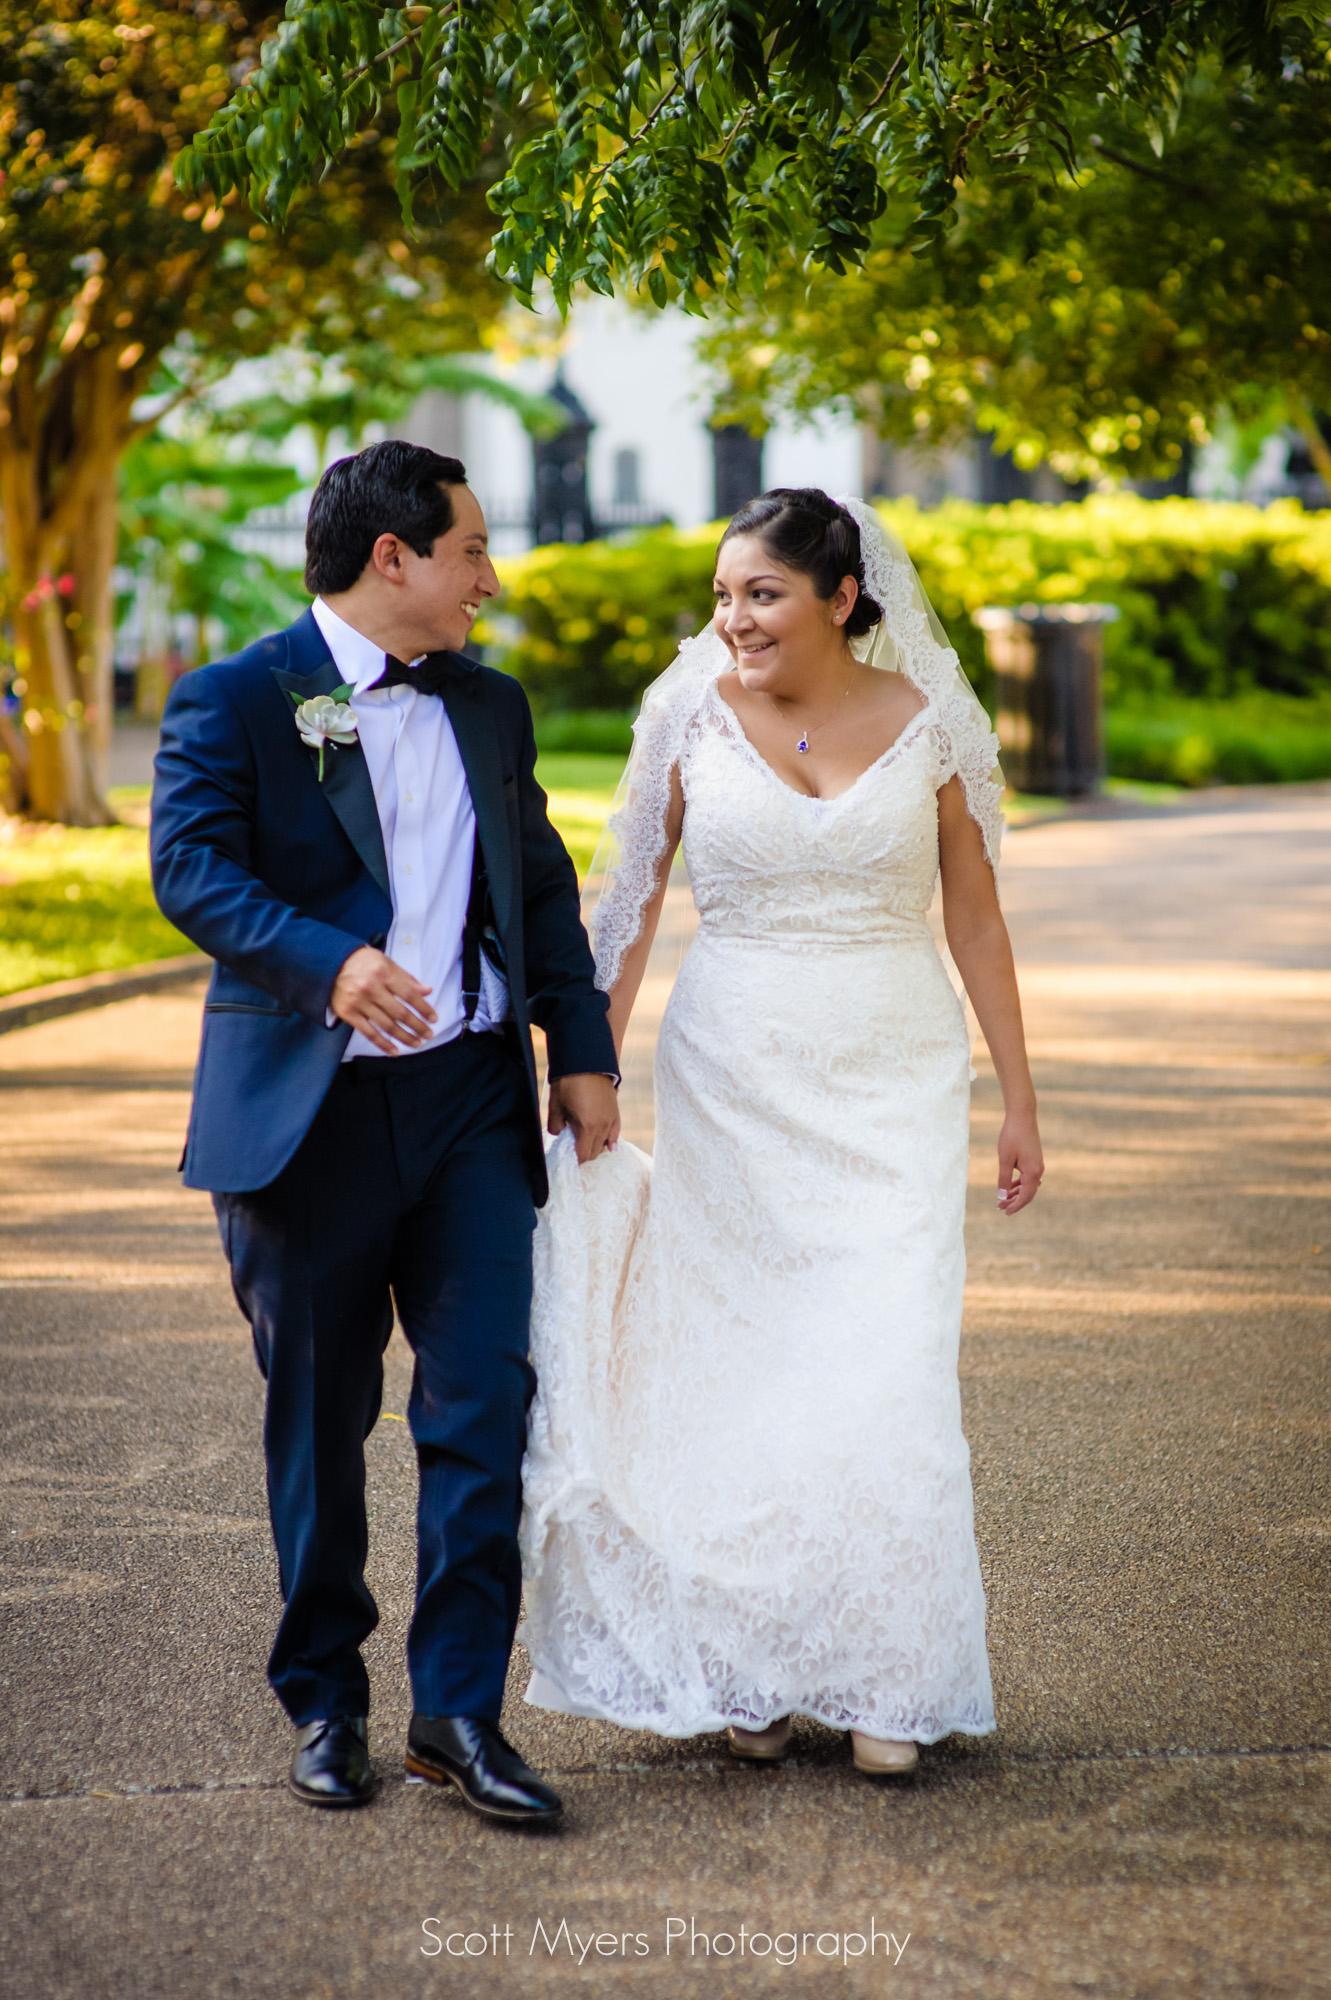 Scott_Myers_Wedding_New_Orleans_030.jpg